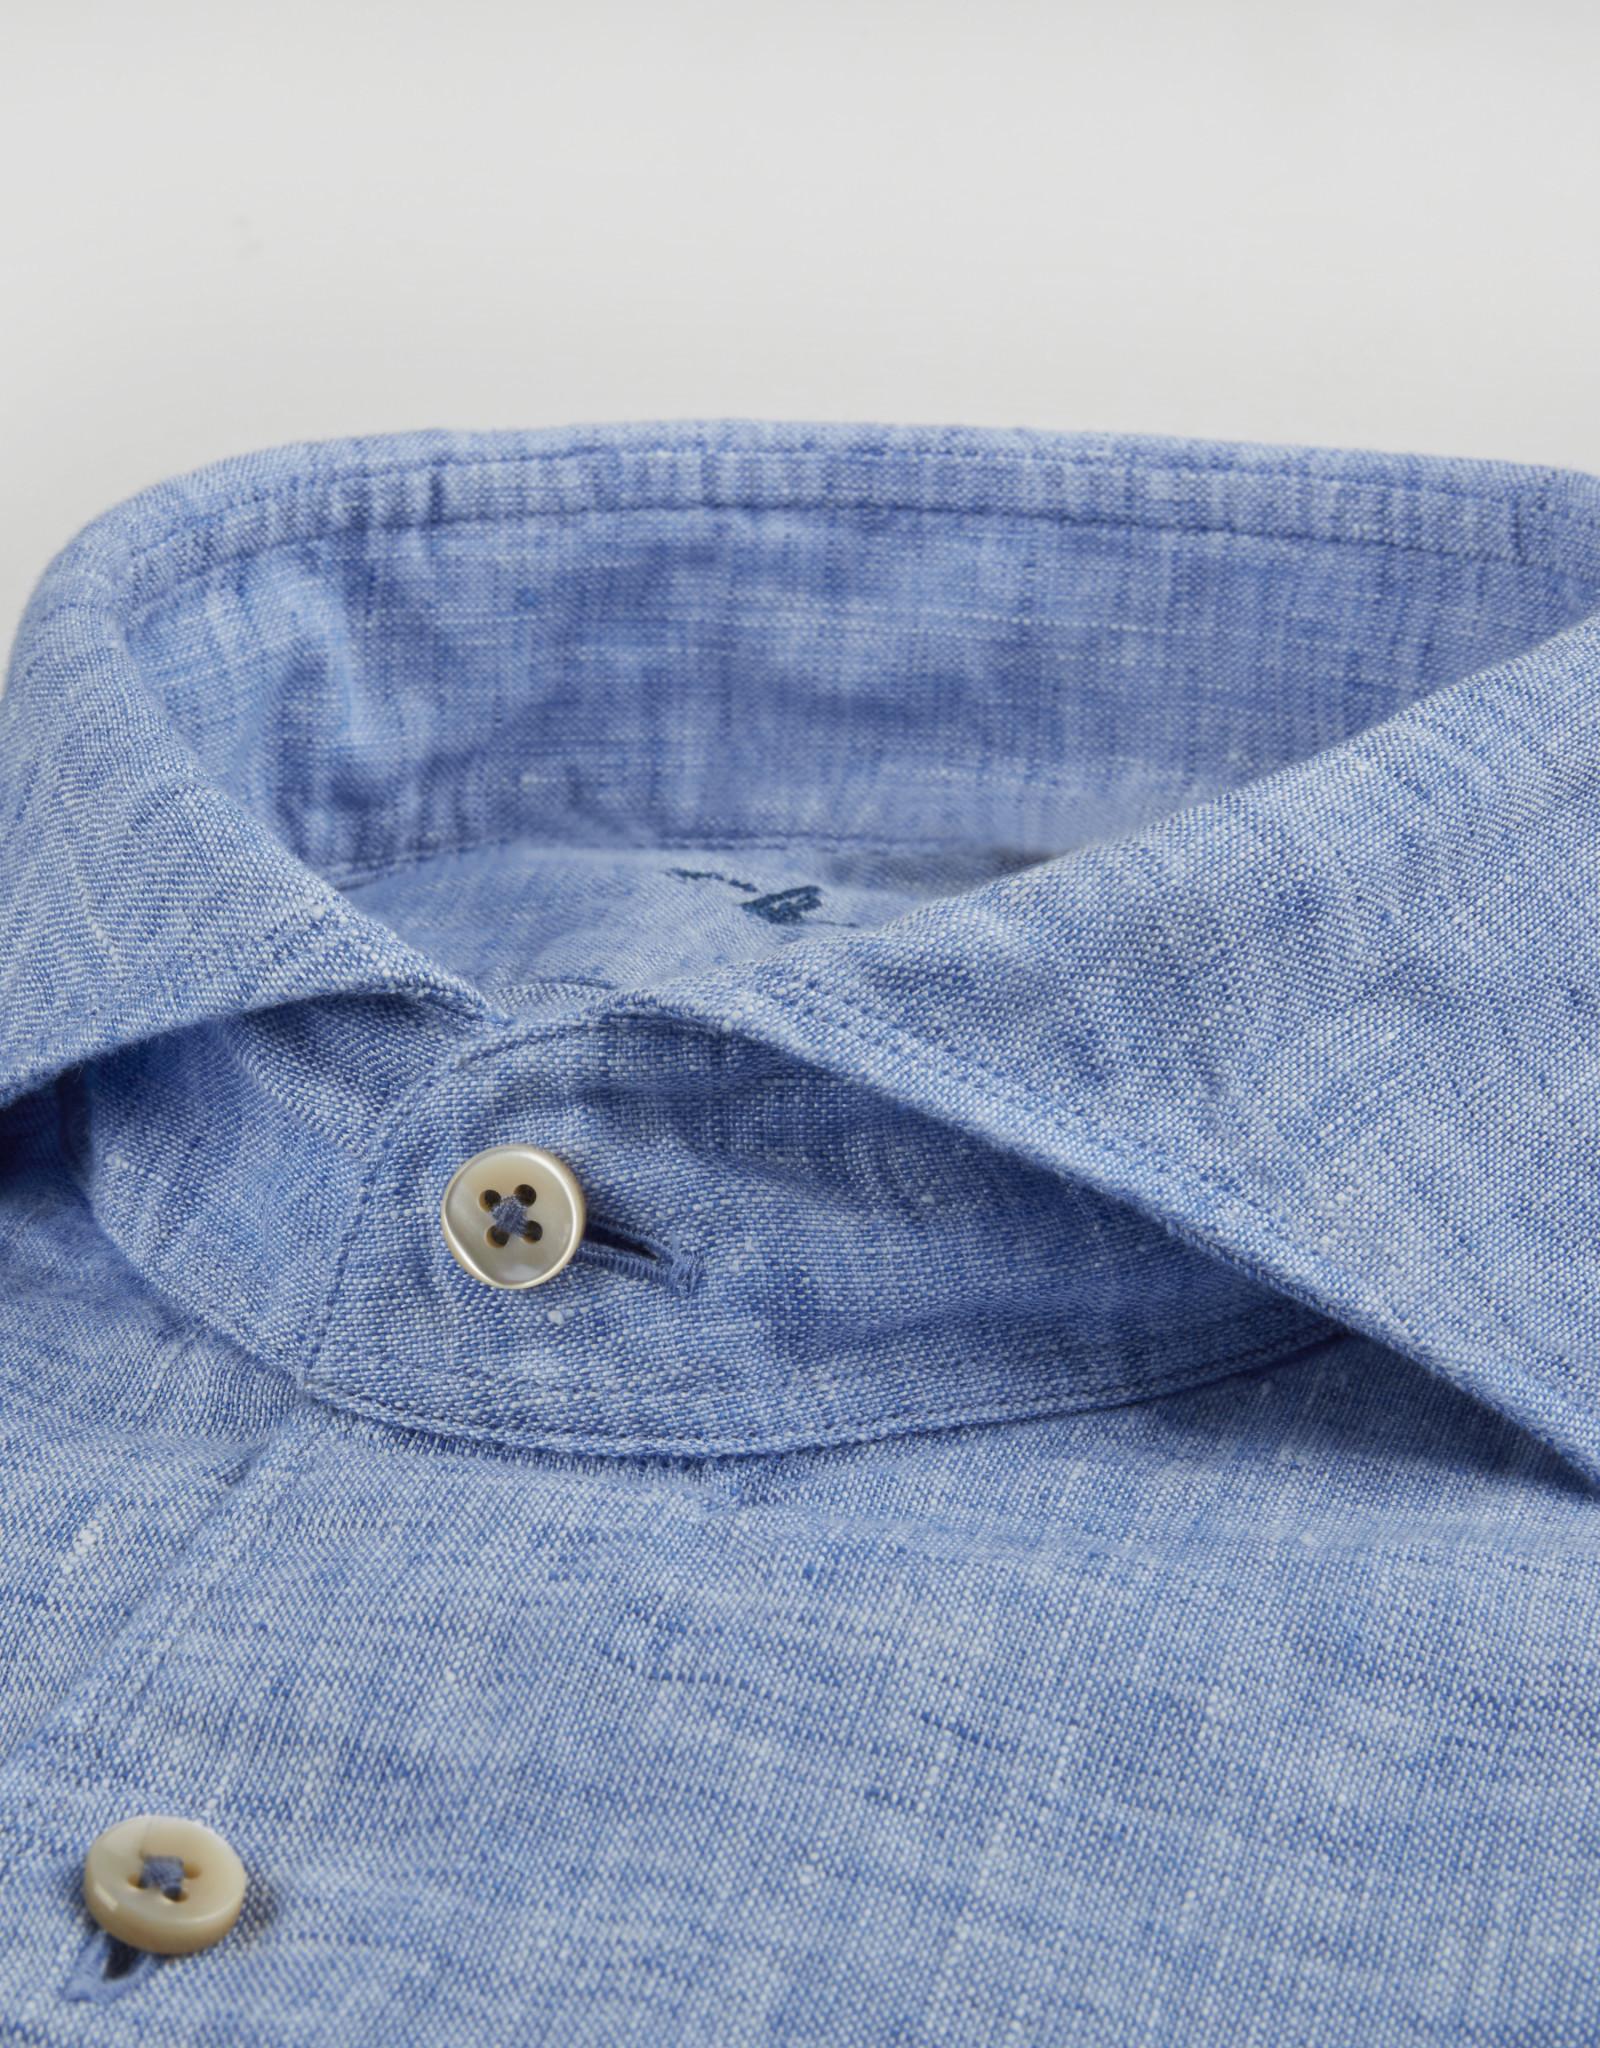 Stenströms Stenströms hemd linnen blauw slimline 775221-7970/120